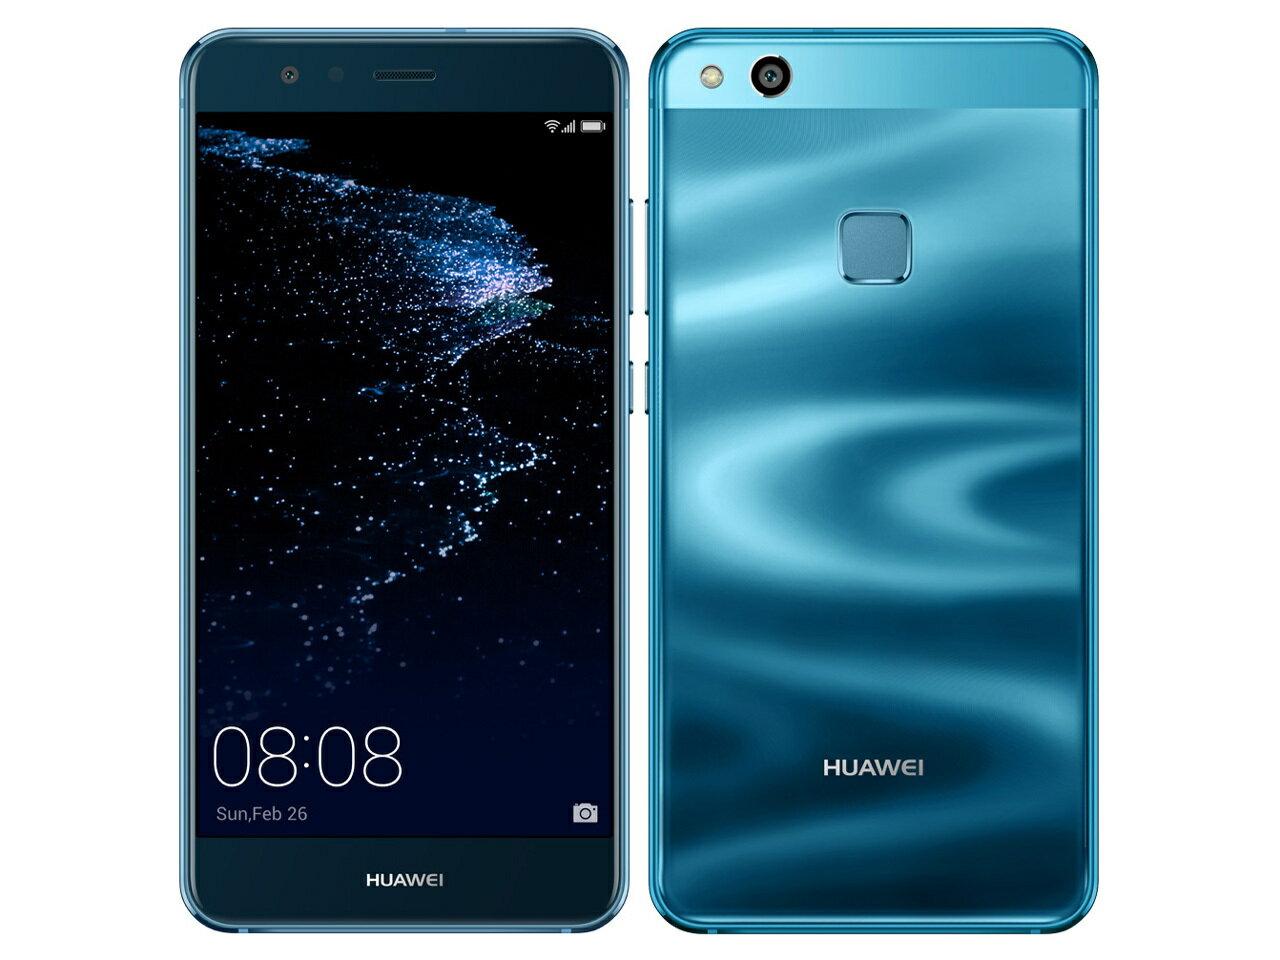 「新品 未開封品」Huawei(ファーウェイ) P10 Lite WAS-LX2J sapphire blue サファイアブルー [LTE対応] [SIMフリースマホ]